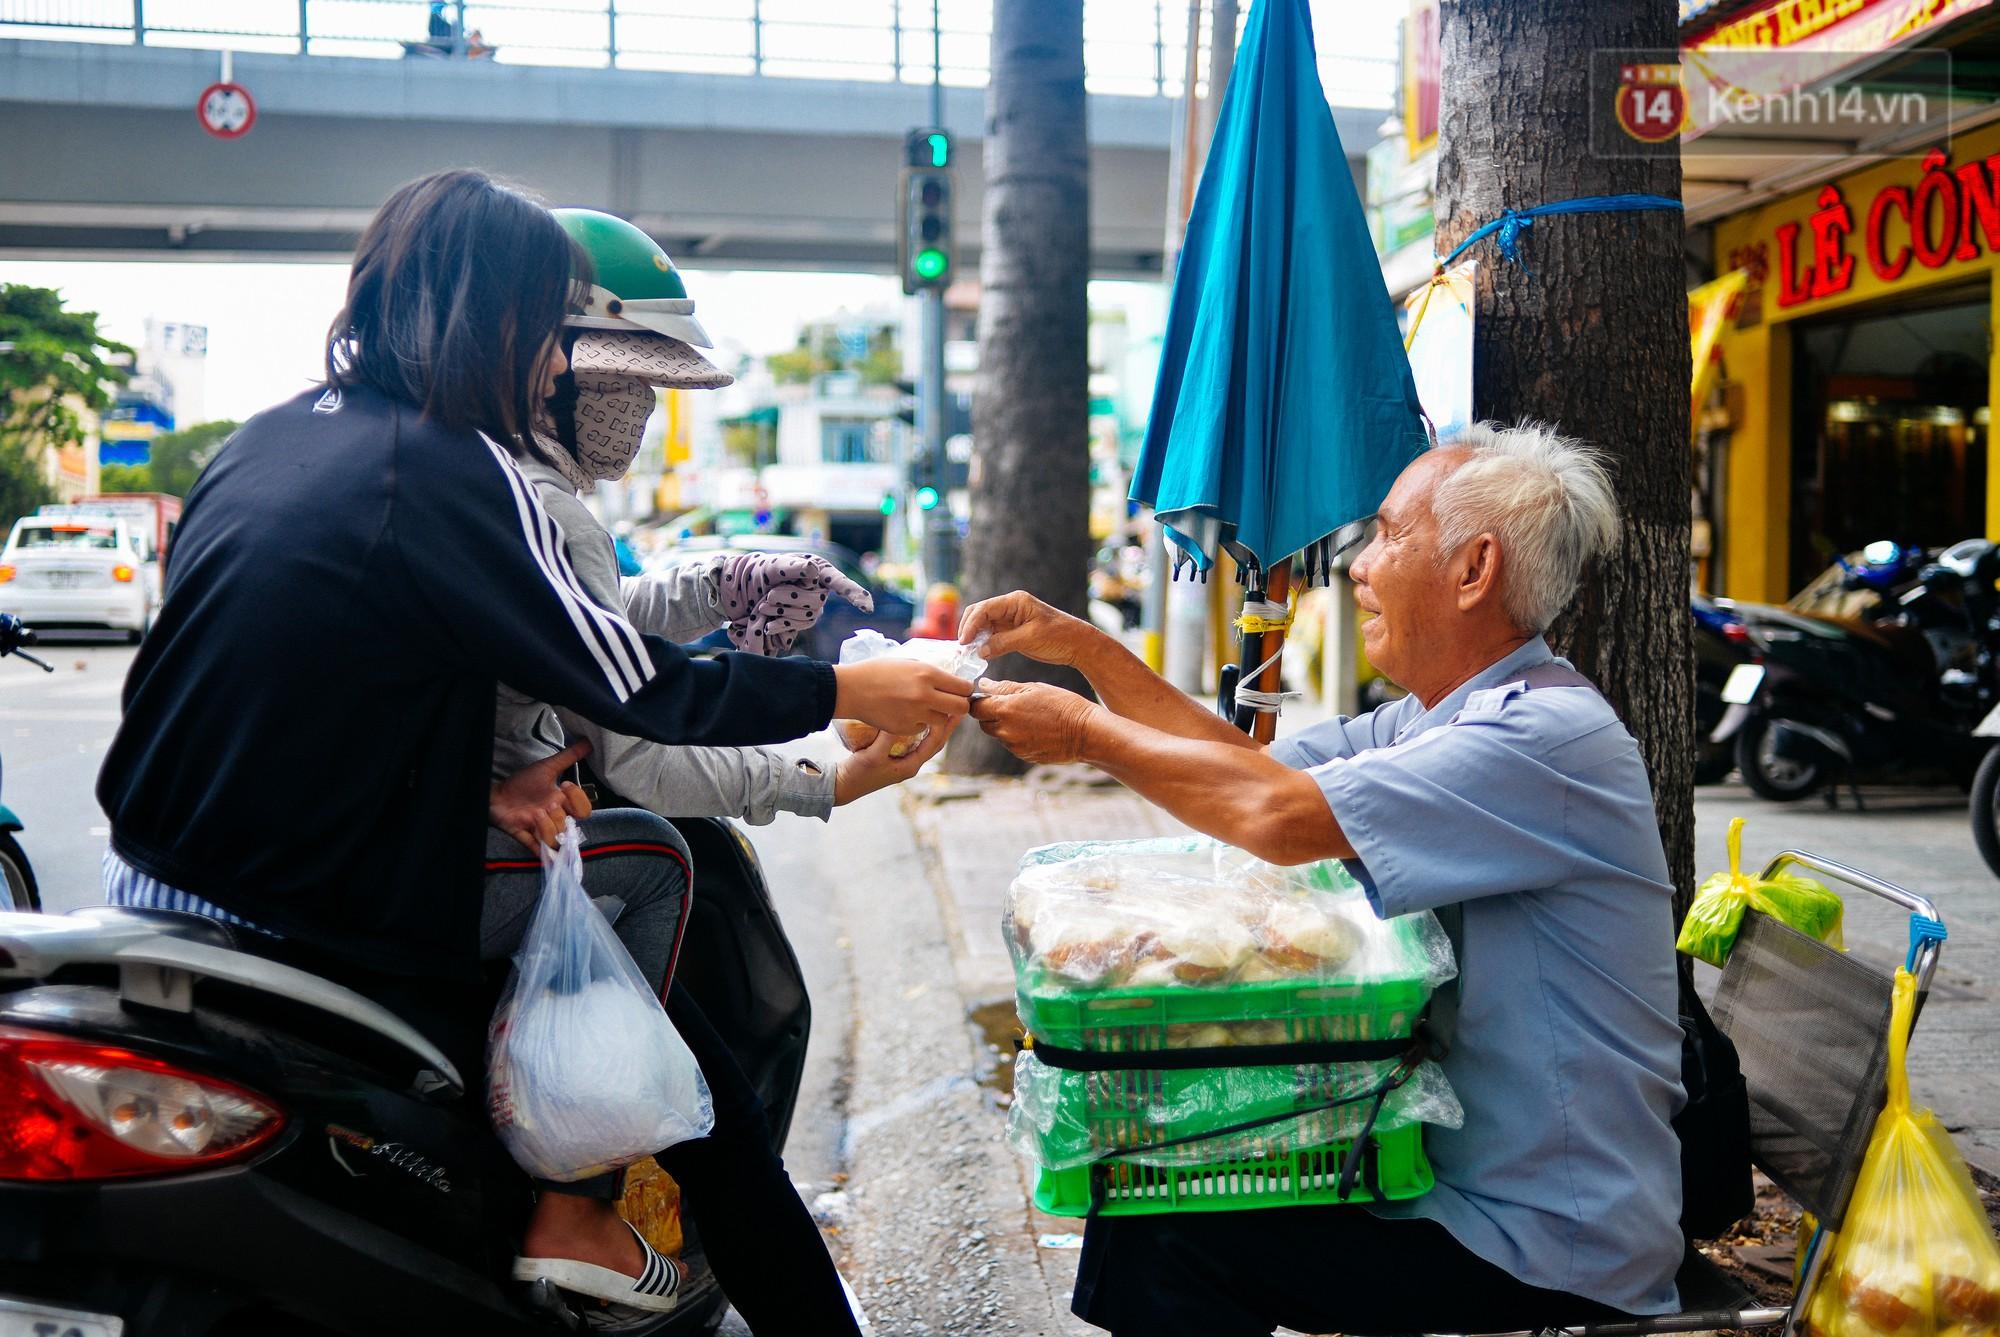 Ông Quang gặp không ít người xấu lừa lọc, nhưng cũng gặp được rất nhiều người tốt.